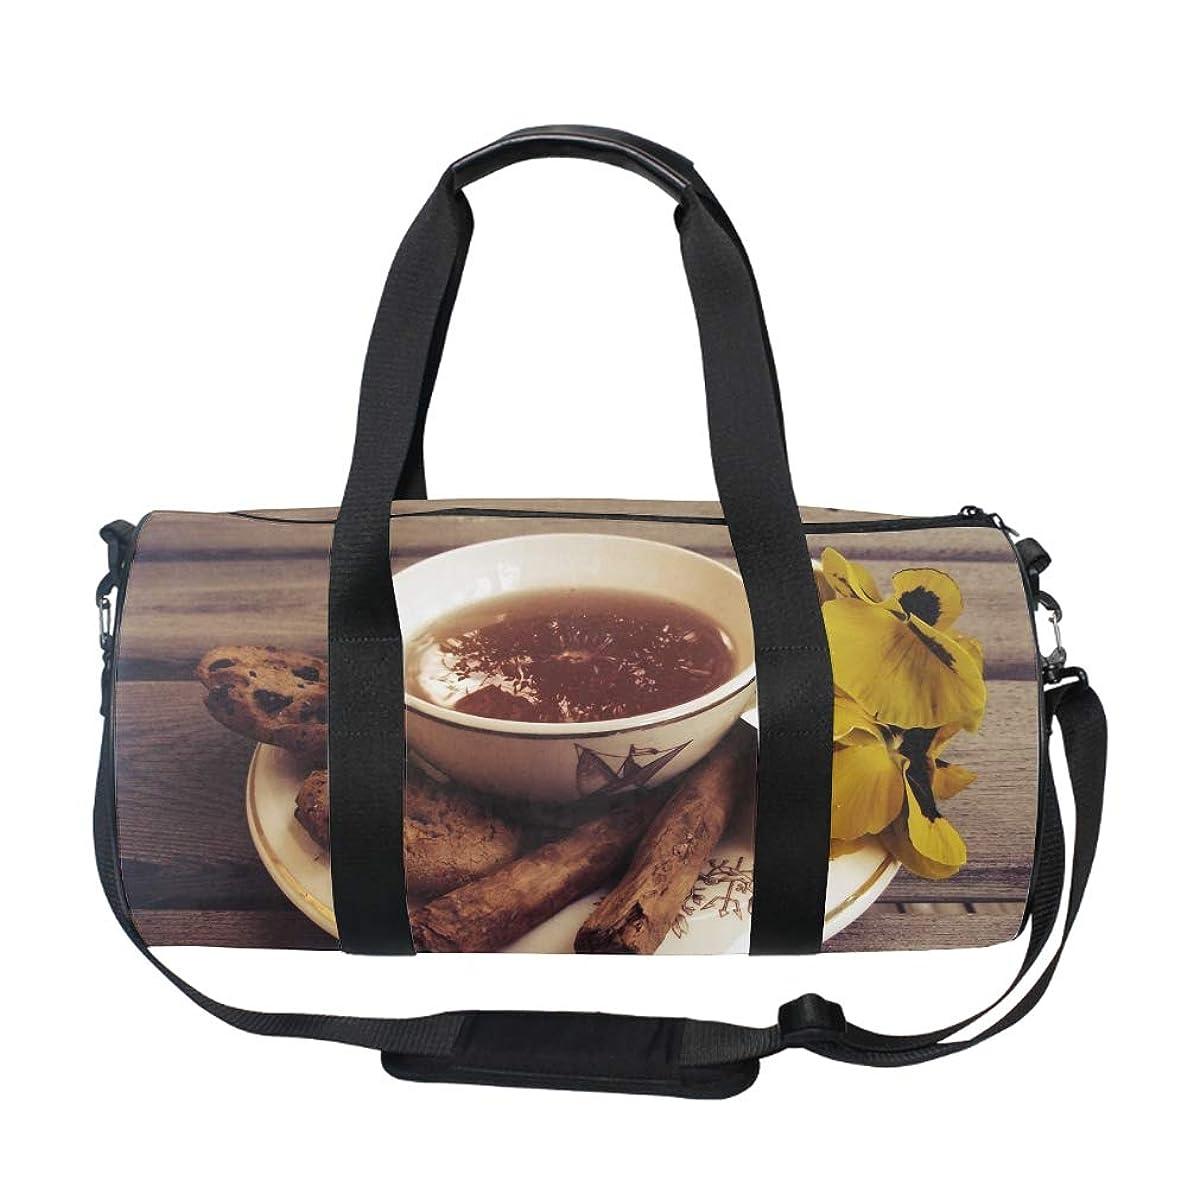 常識偽善提案2wayスポーツバッグ 乾湿分離 シューズ収納 防水 ボストンチョコチップクッキー ジム プール 海 旅行 ドラムバッグ